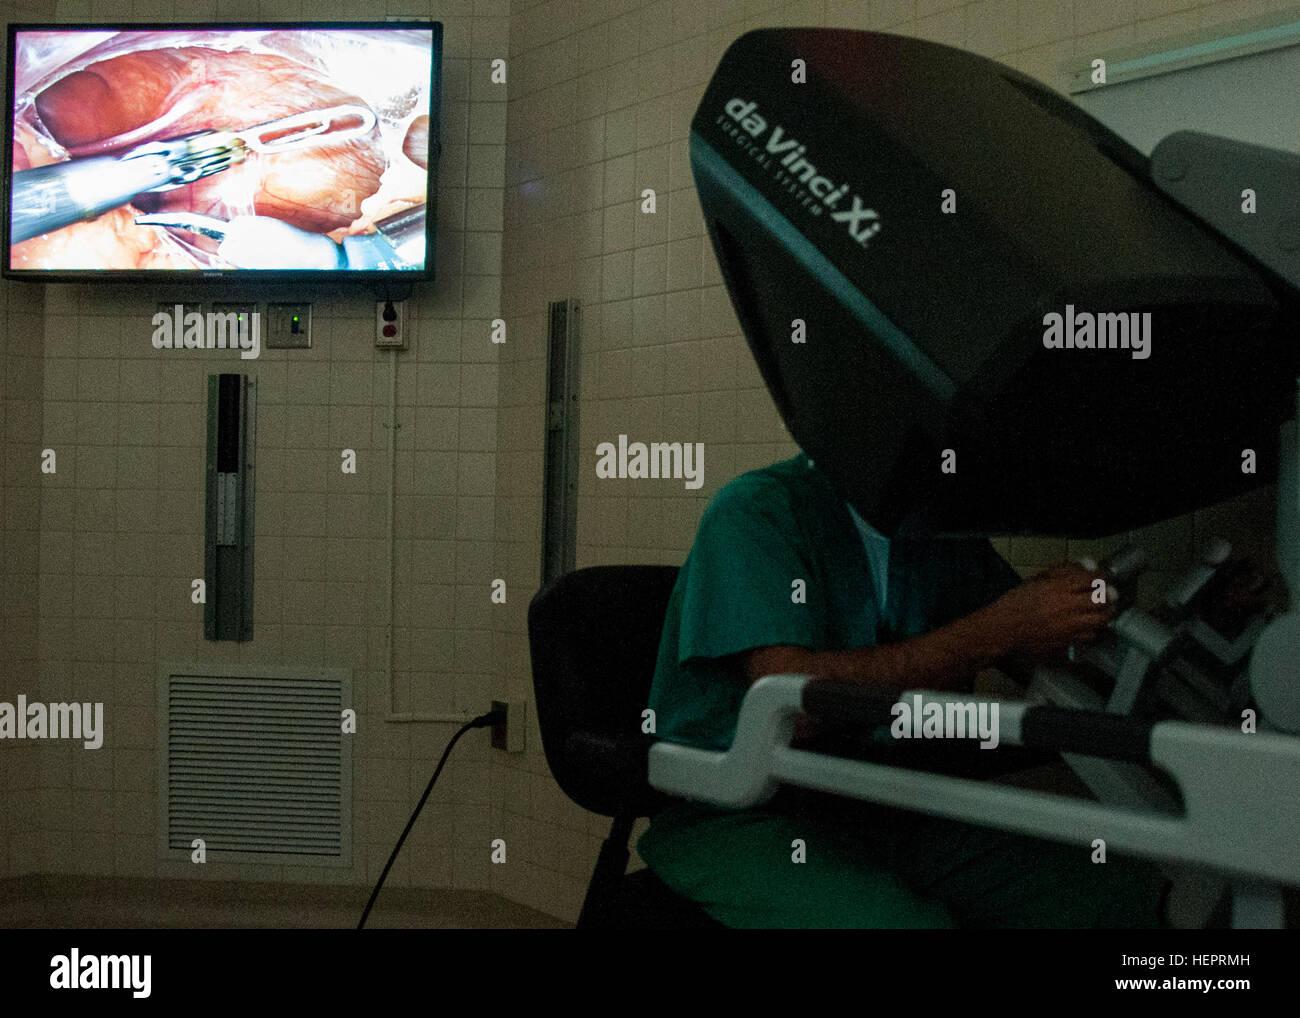 El Dr. Samuel Cancel-Rivera, un obstetra/ginecólogo médico mira a través de un sistema de imágenes en 3D el monitor de duplicación (superior izquierda) mientras opera a un paciente utilizando la última state-of-the-art Robotic Surgical System en el William Beaumont Army Medical Center, el 2 de mayo. El cirujano-manipulado sistema permite a los cirujanos operar con la articulación de instrumentos que se doblan y giran mucho mayor que la muñeca humana a través de una incisión más pequeña que un centímetro.William Beaumont Army Medical Center realizó la primera cirugía robótica en el Departamento de Defensa utilizando el sistema quirúrgico. En primer WBAMC DoD para utilizar robo Foto de stock